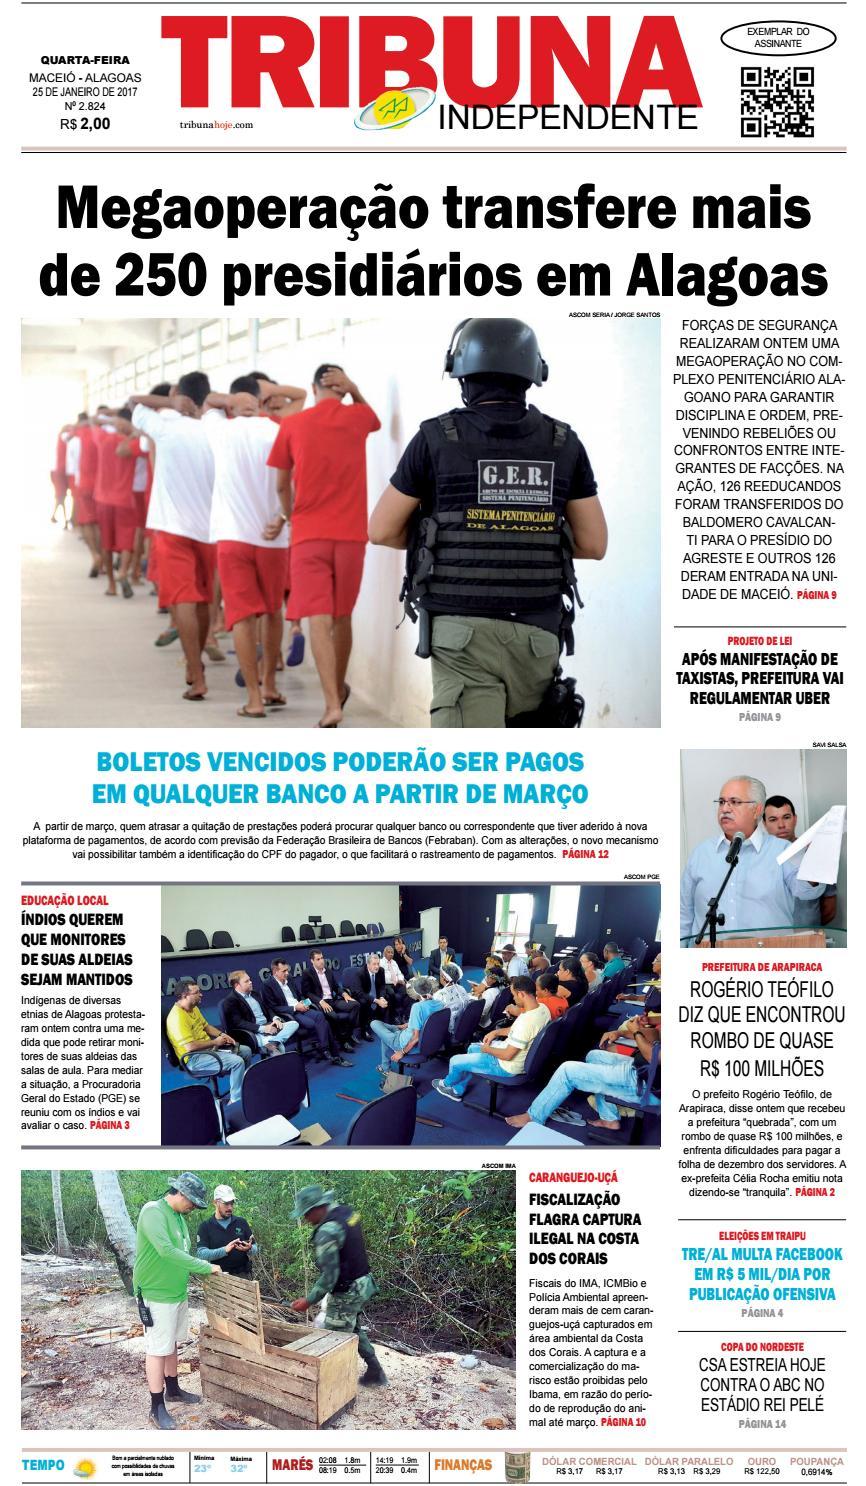 7f5ed788fb34c Edição número 2824 - 25 de janeiro de 2017 by Tribuna Hoje - issuu